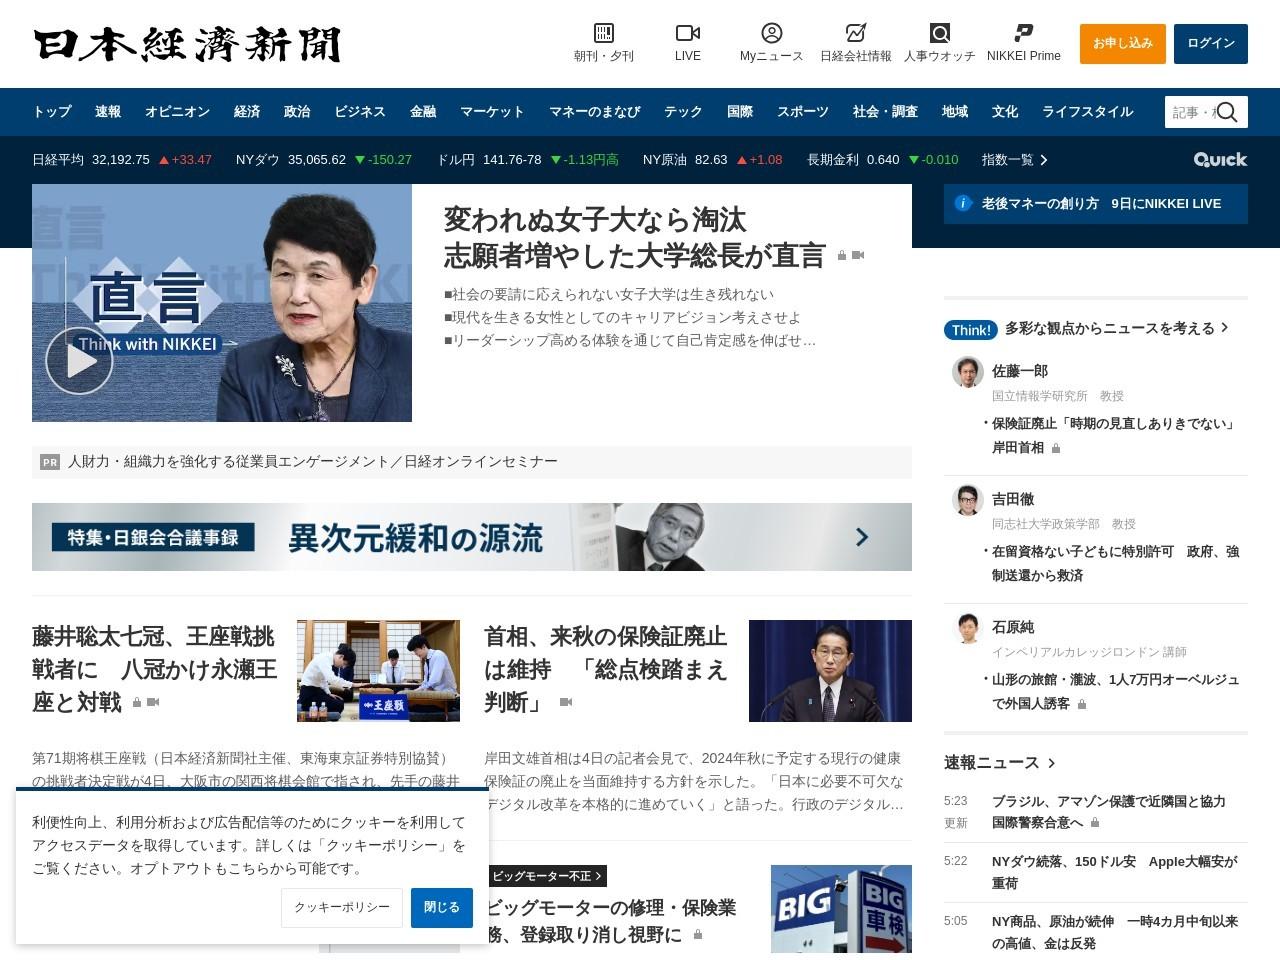 日本の都市ランキング、横浜市は4位 都市特性評価